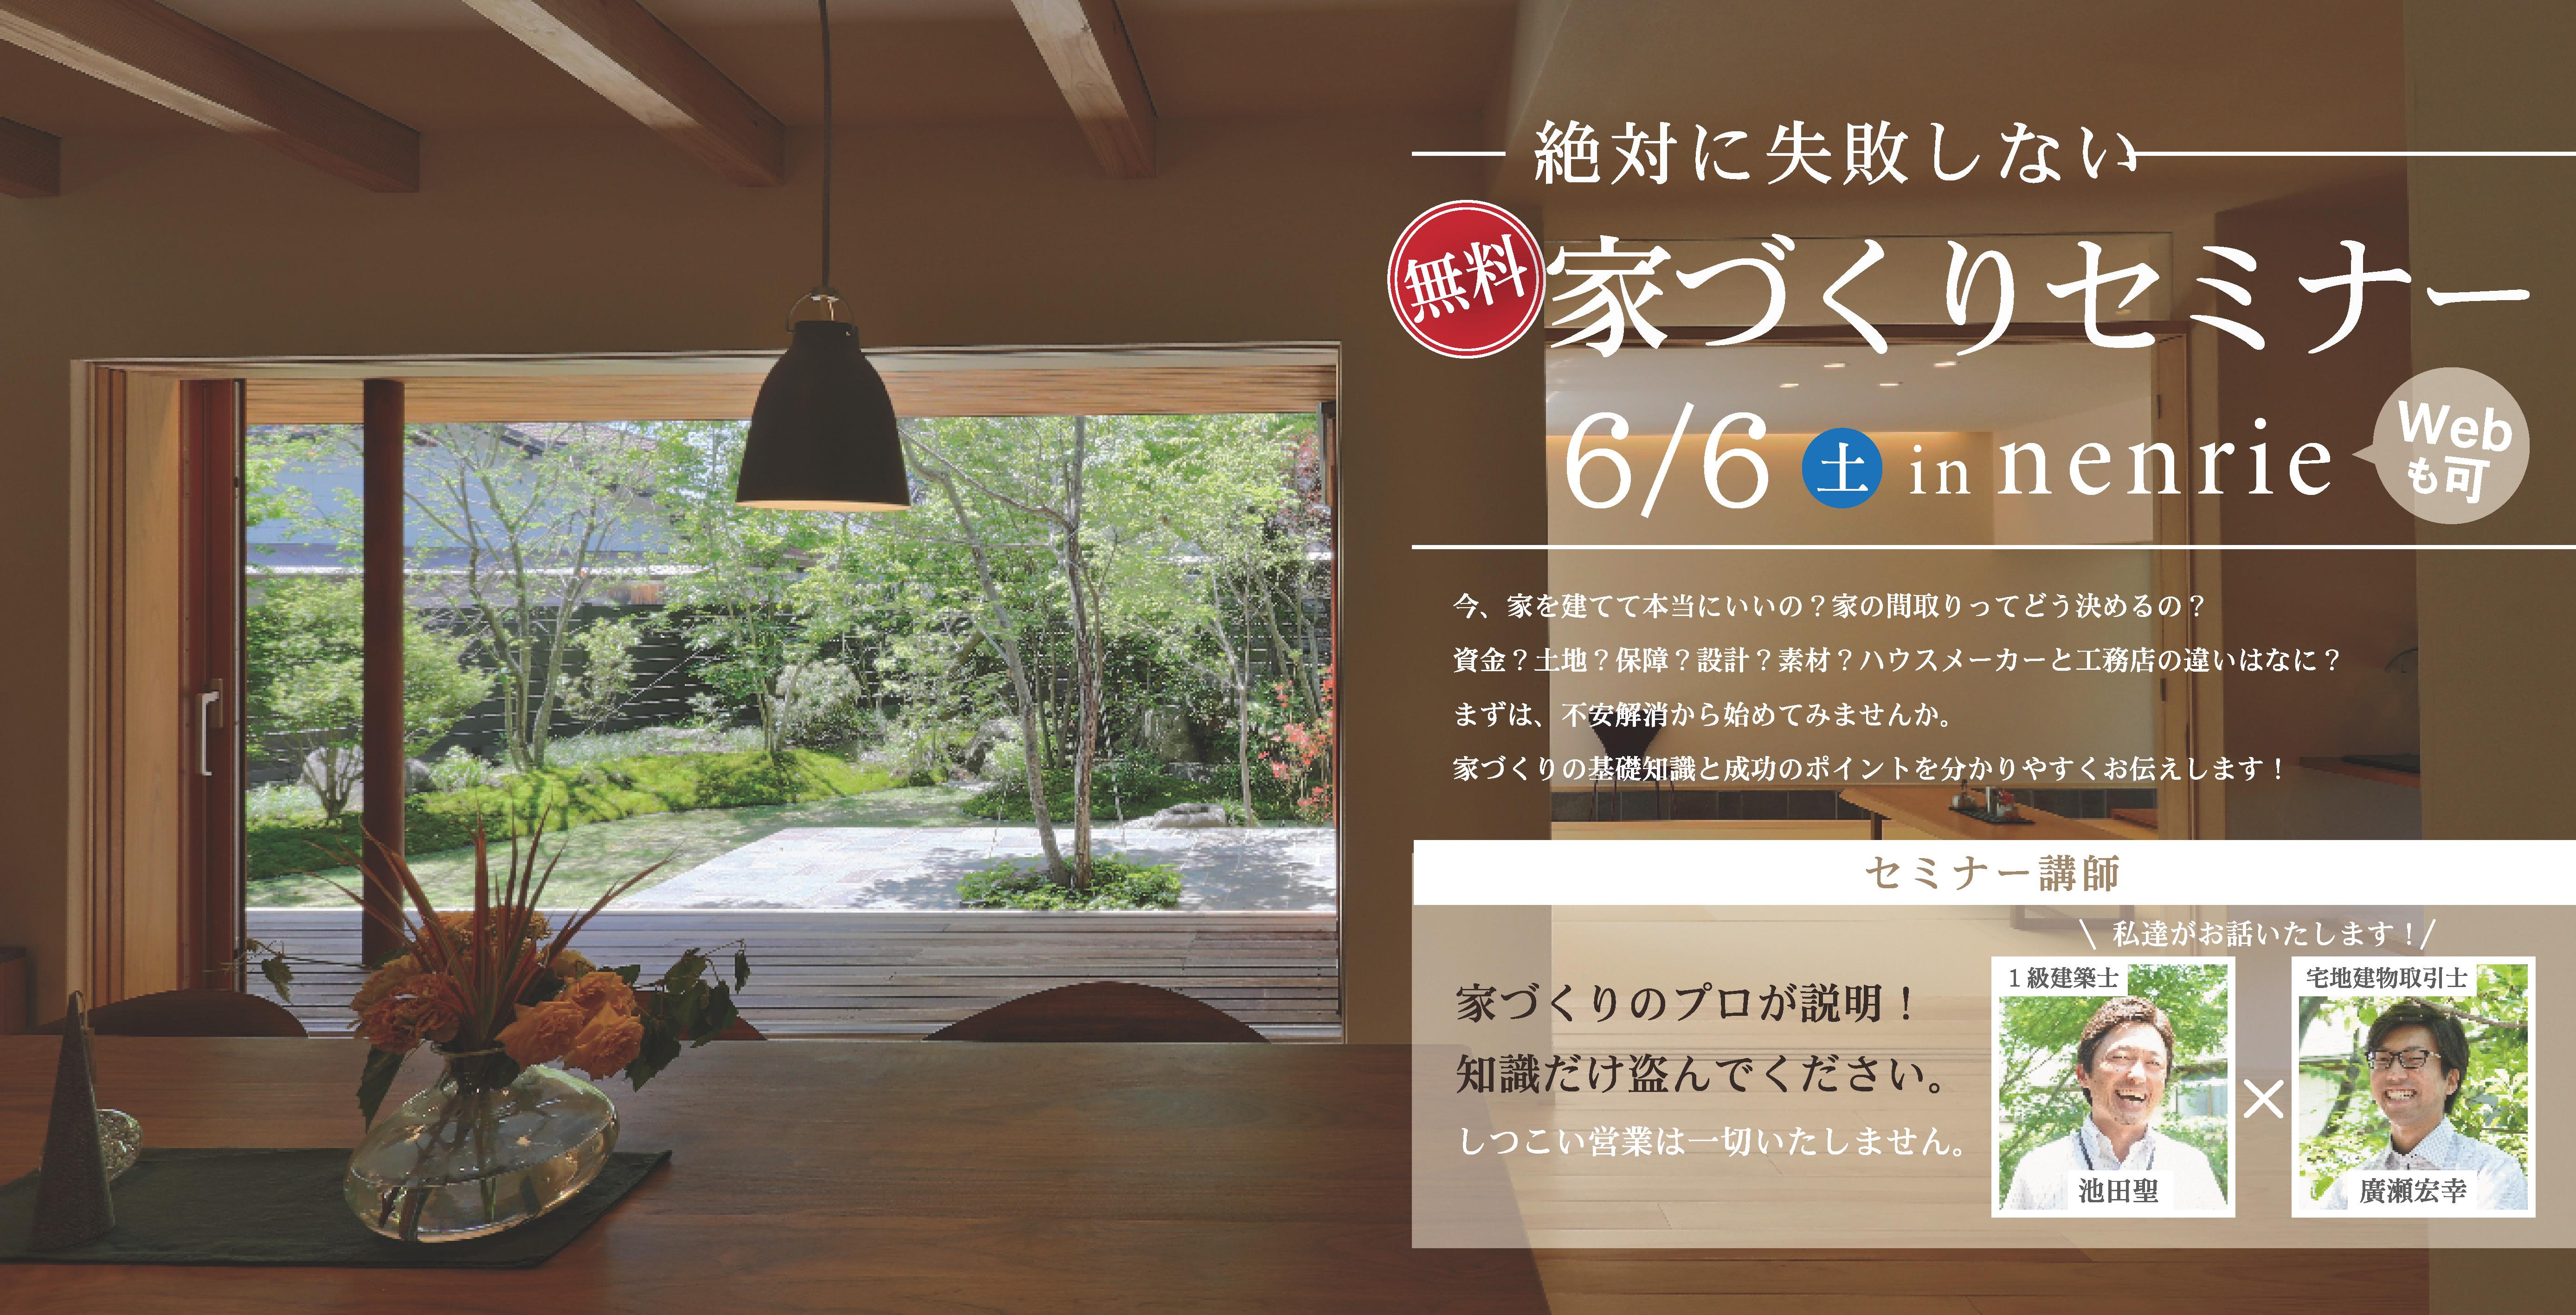 画像:6/6(土)家づくり無料セミナーin山口支店nenrie【完全予約制】各回先着5組限定